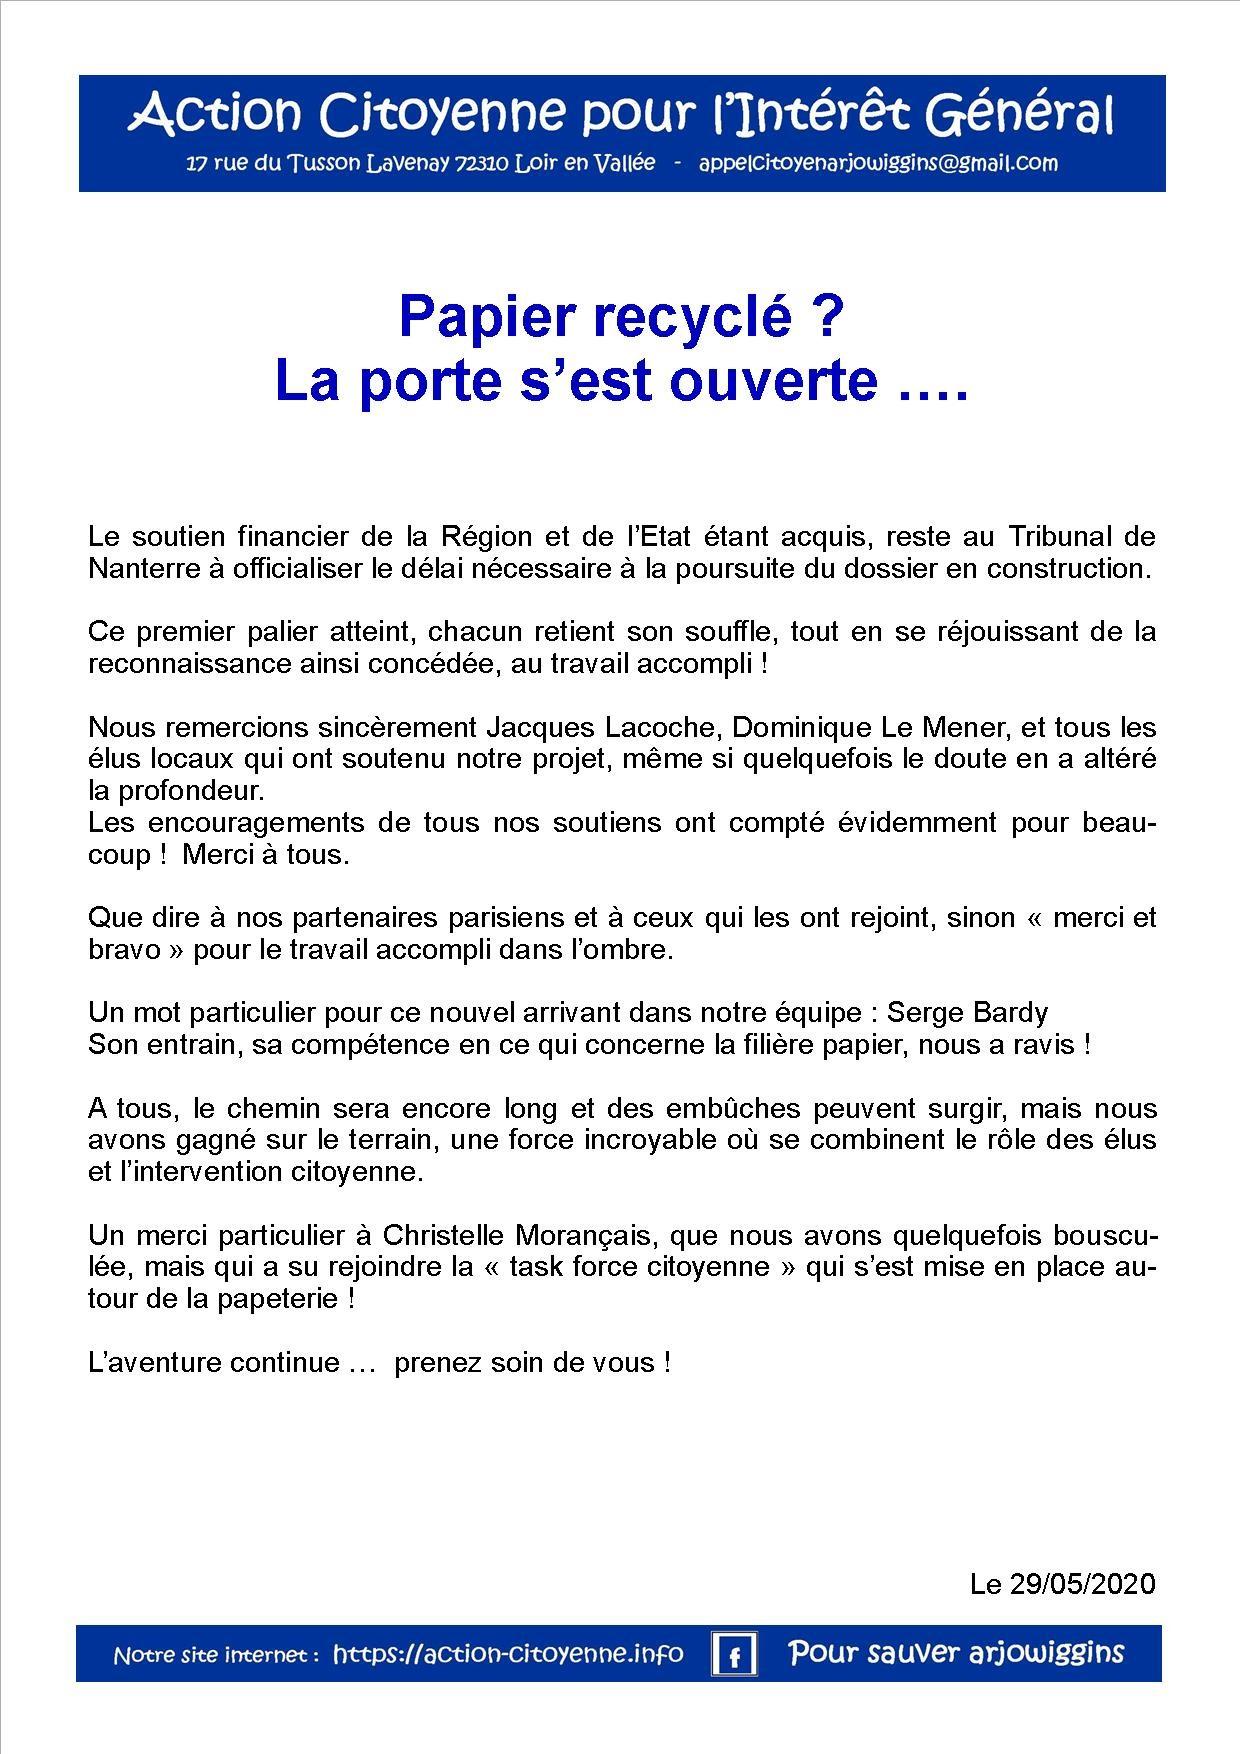 Papier recycle la porte s est ouverte 290520